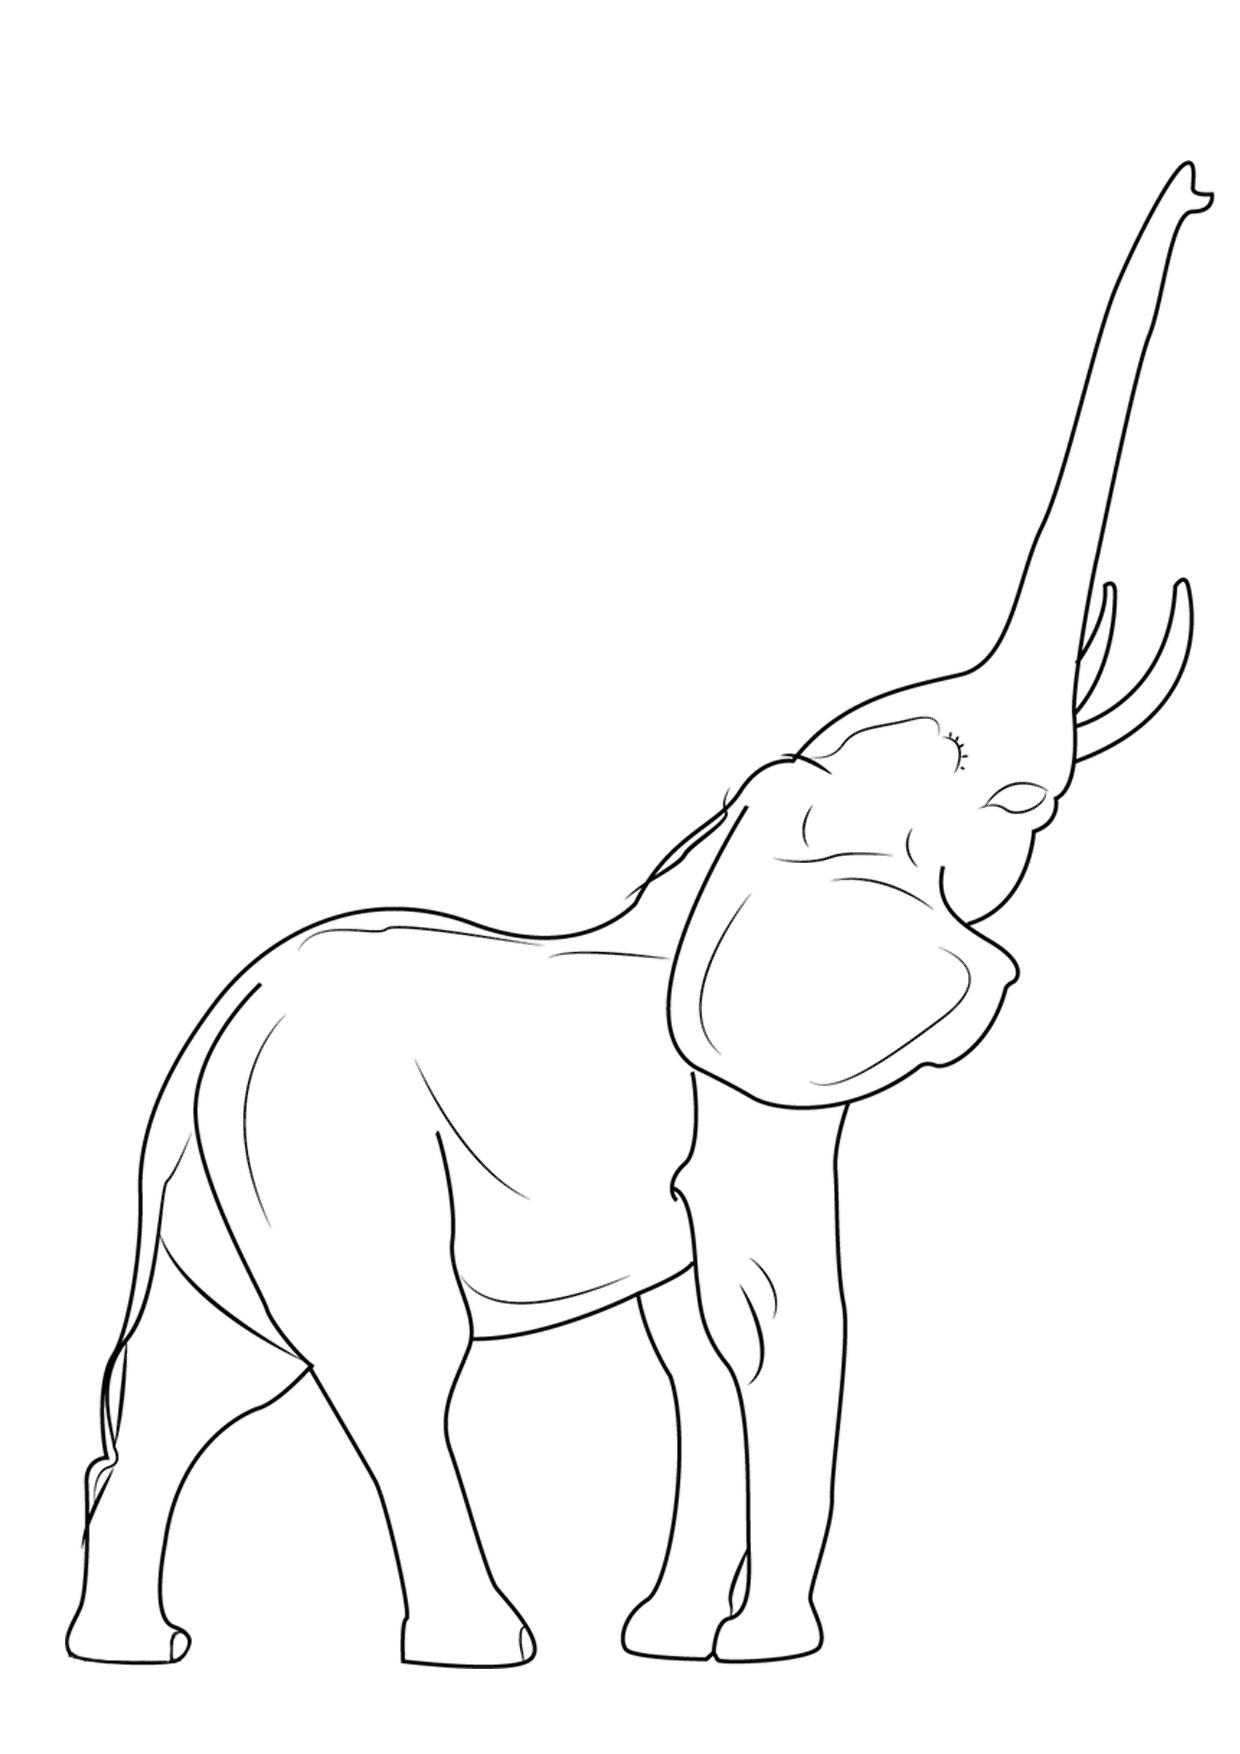 Disegno di elefanti da colorare 04